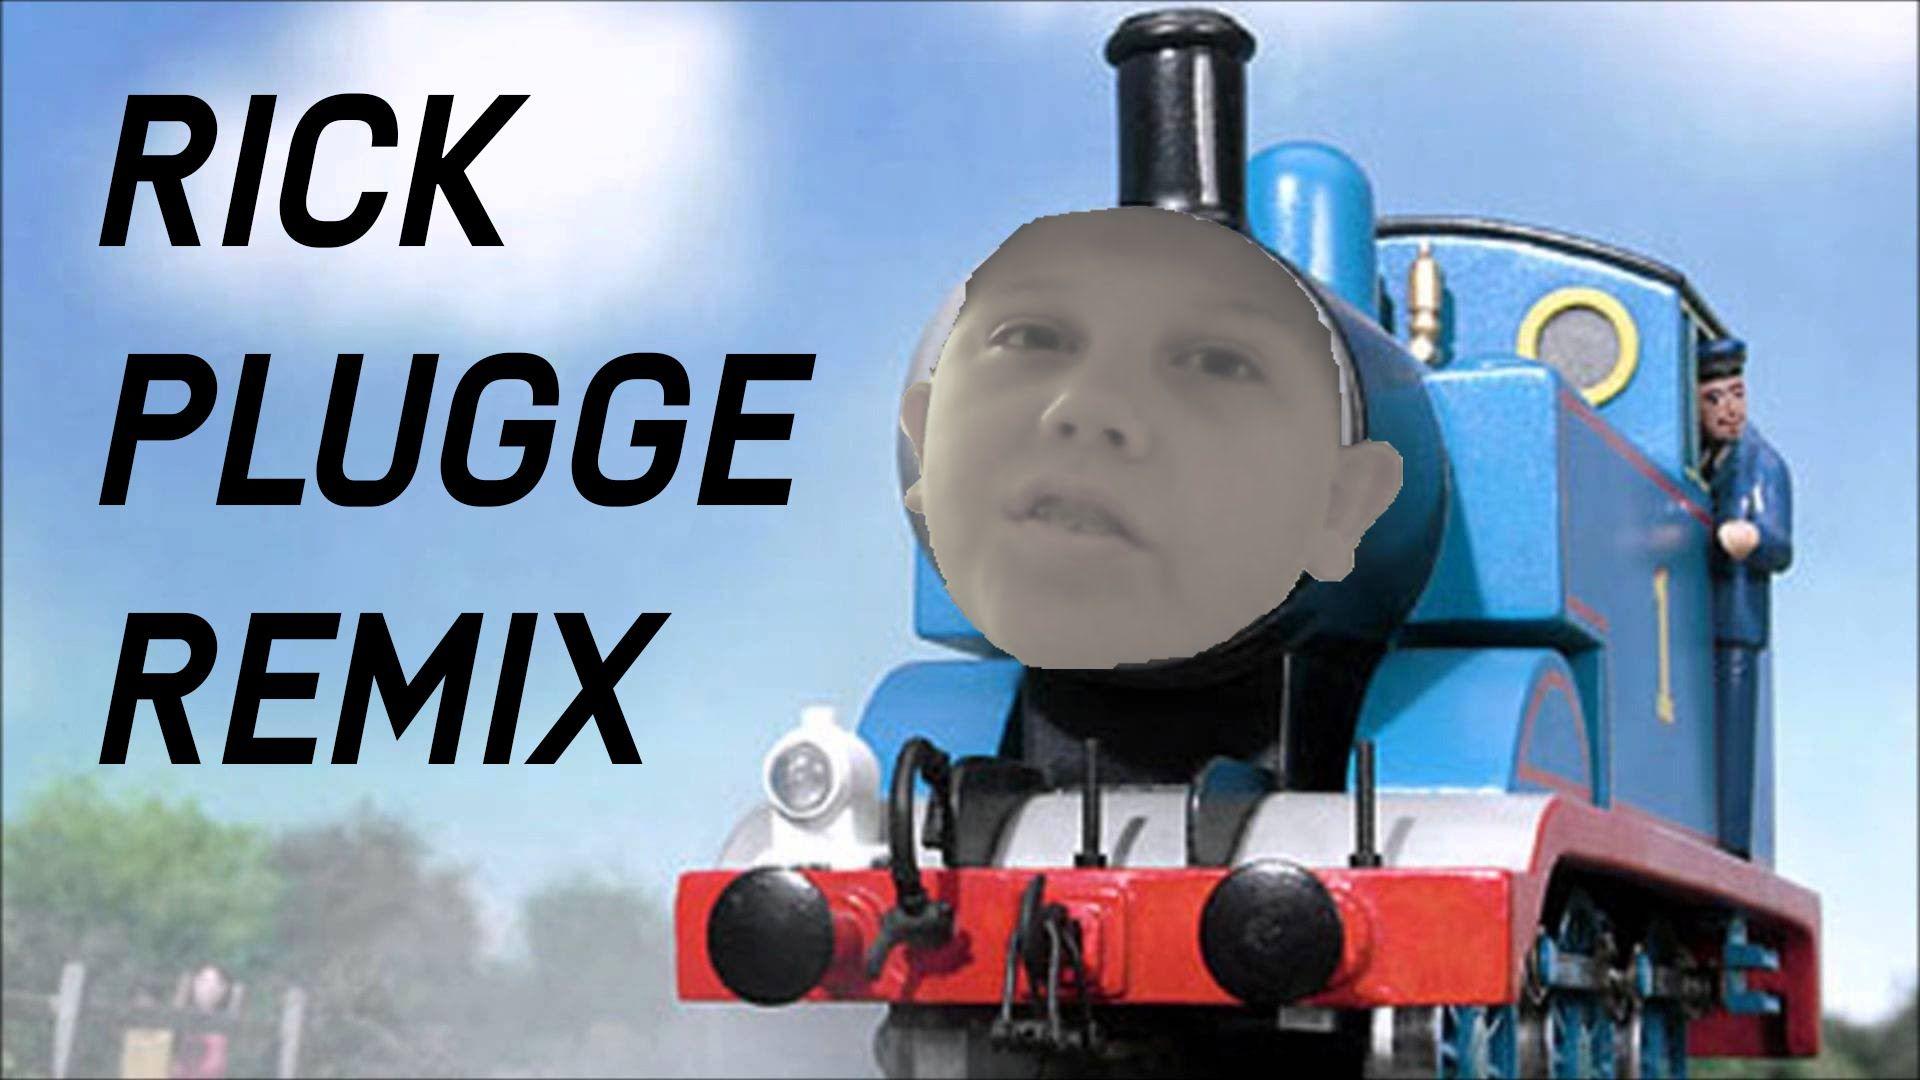 Rick Plugge remix